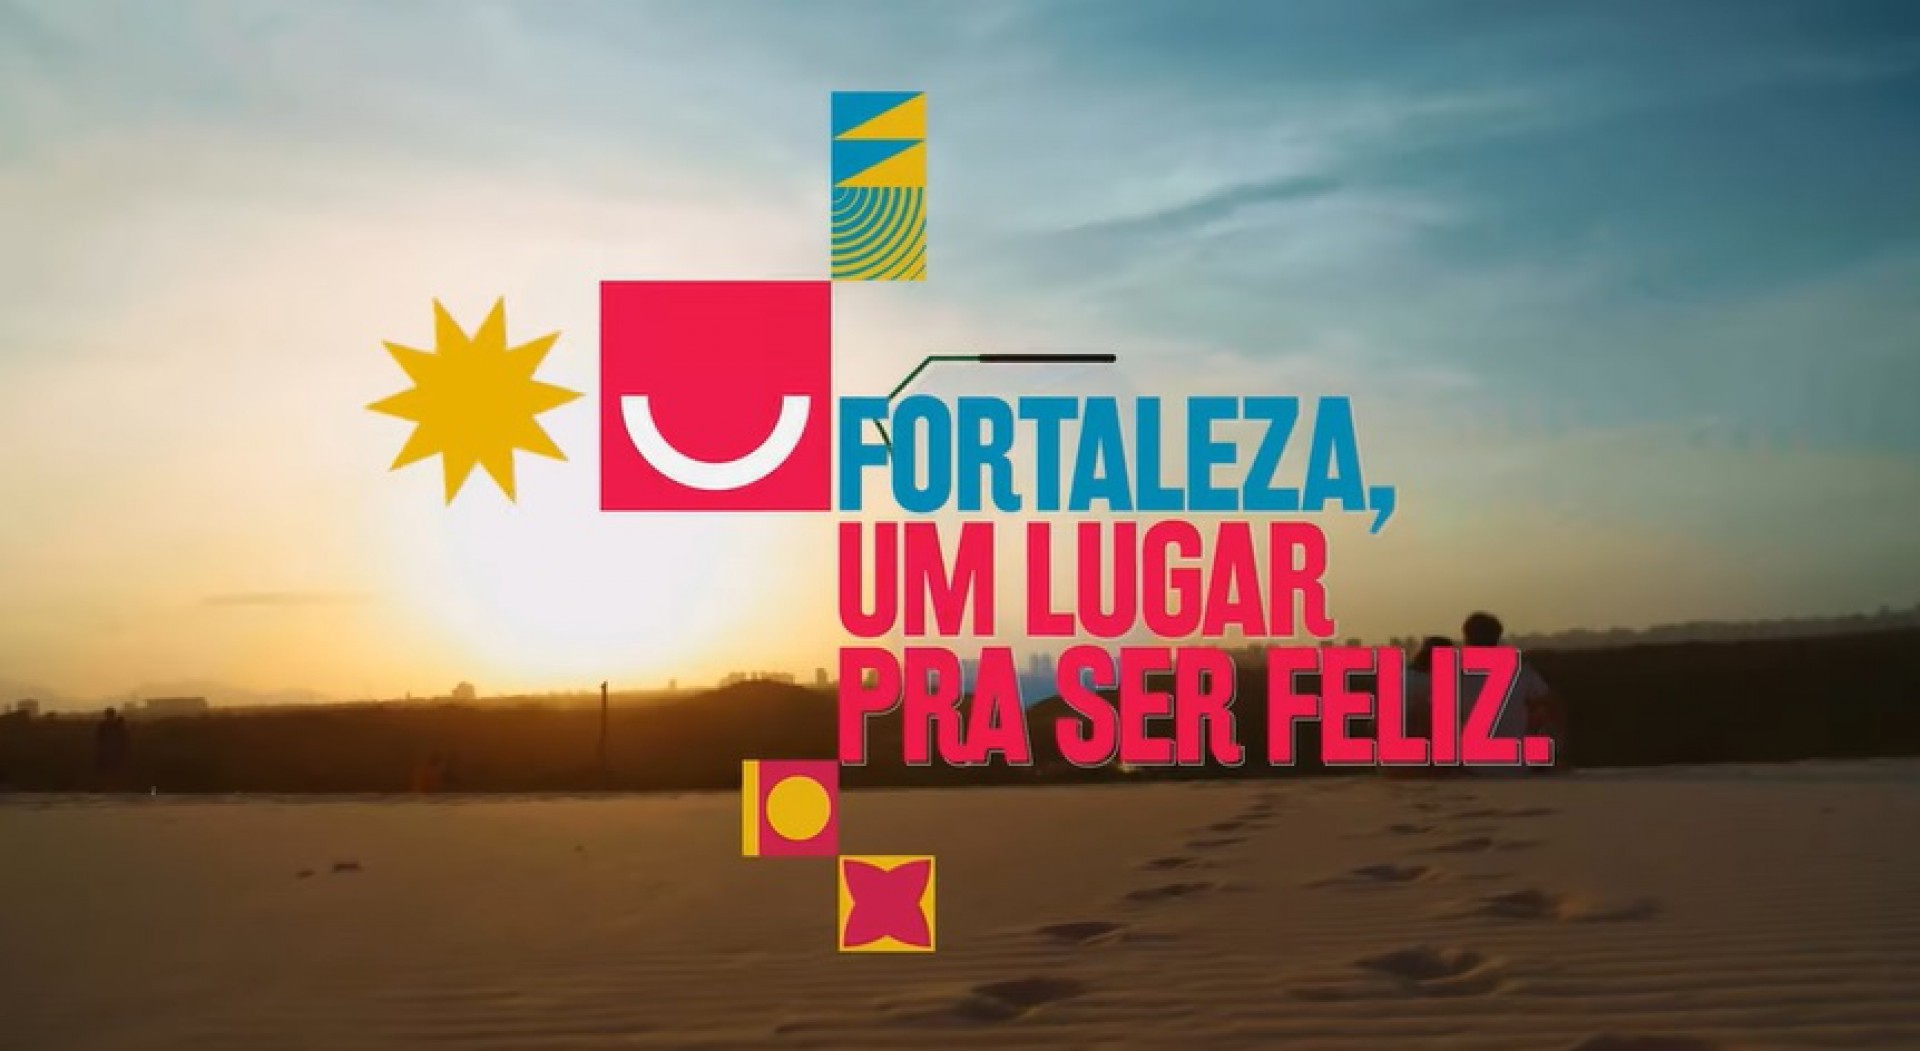 Fortaleza: um lugar pra ser feliz é mote da nova campanha da Prefeitura de Fortaleza